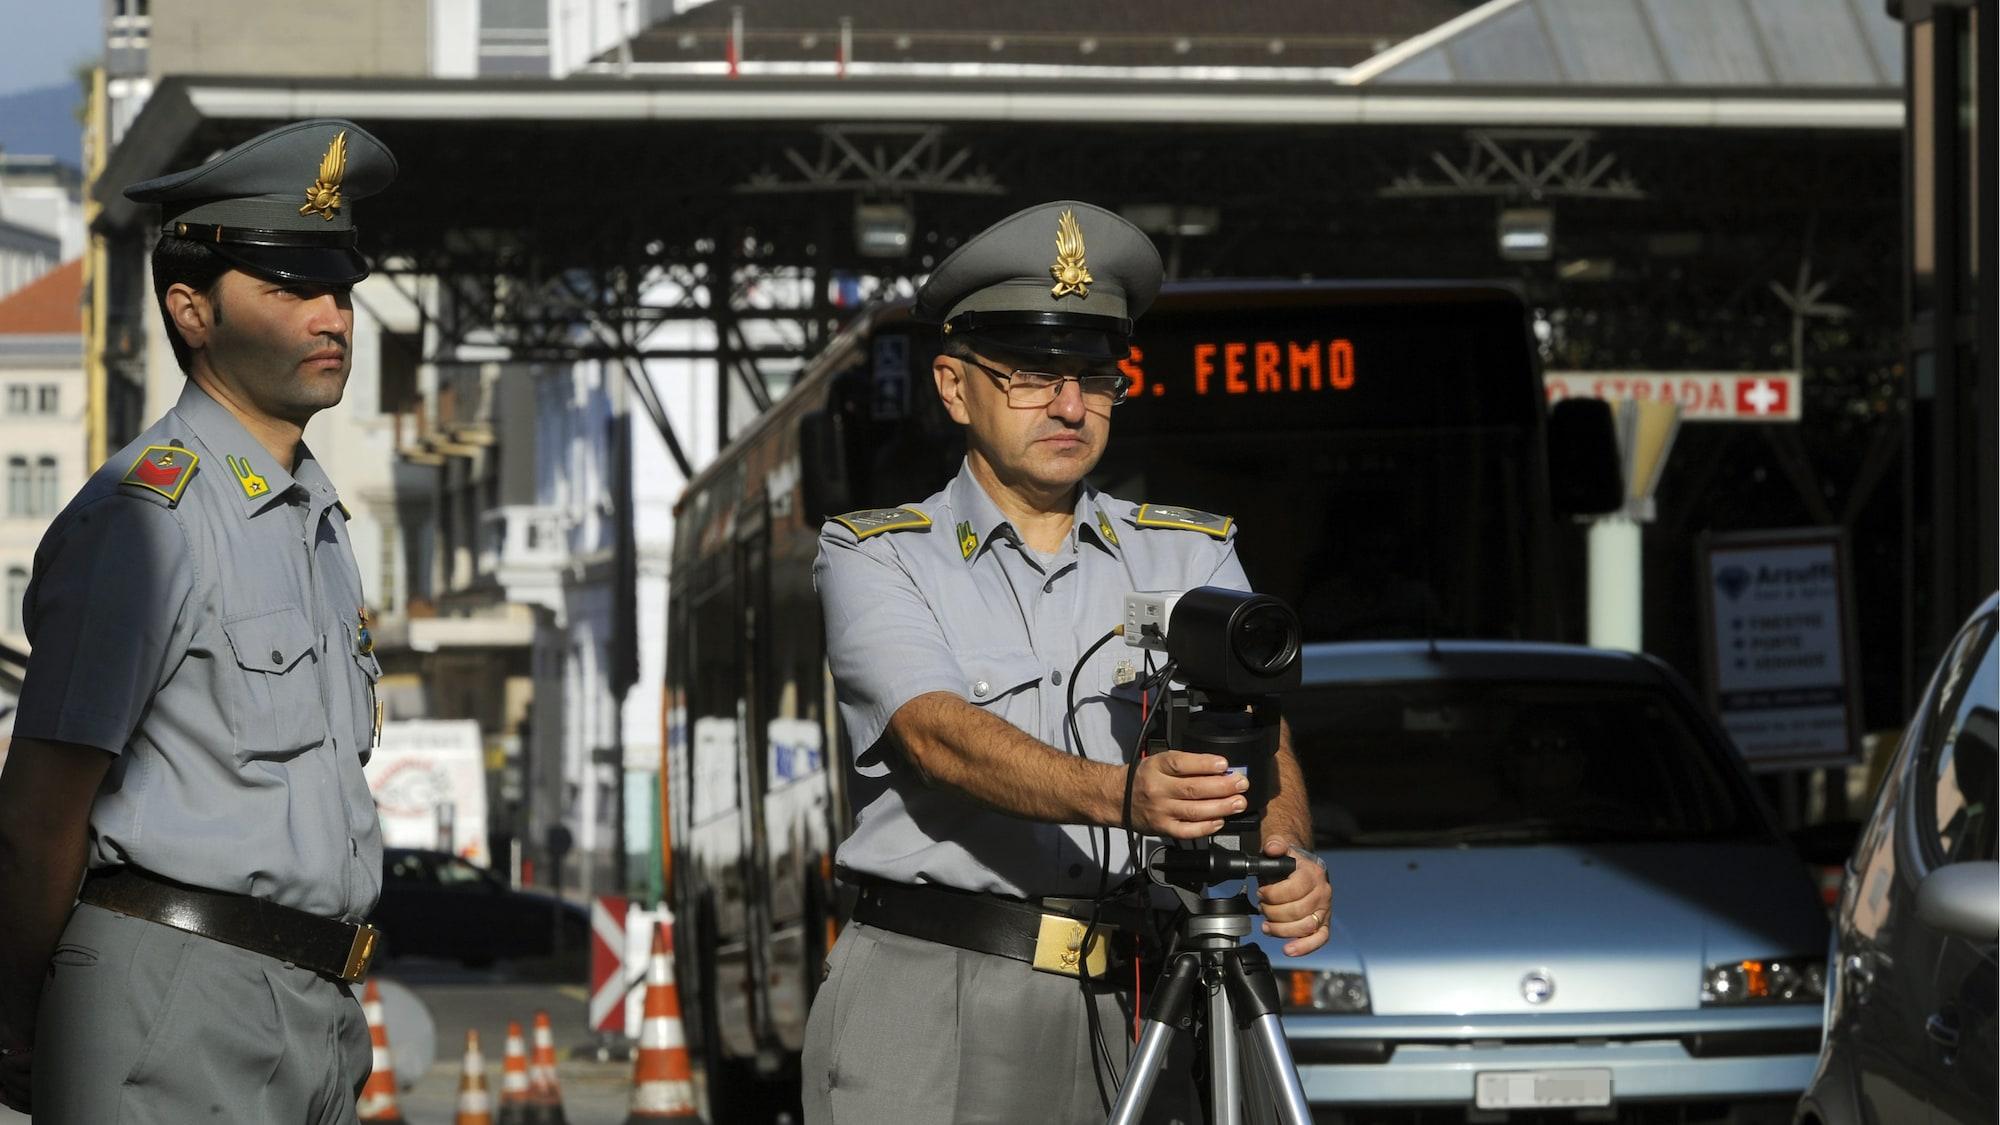 Mafiosi an Tessiner Grenze geschnappt: Bande wollte mit Scheck über 100 Mio. Euro in die Schweiz